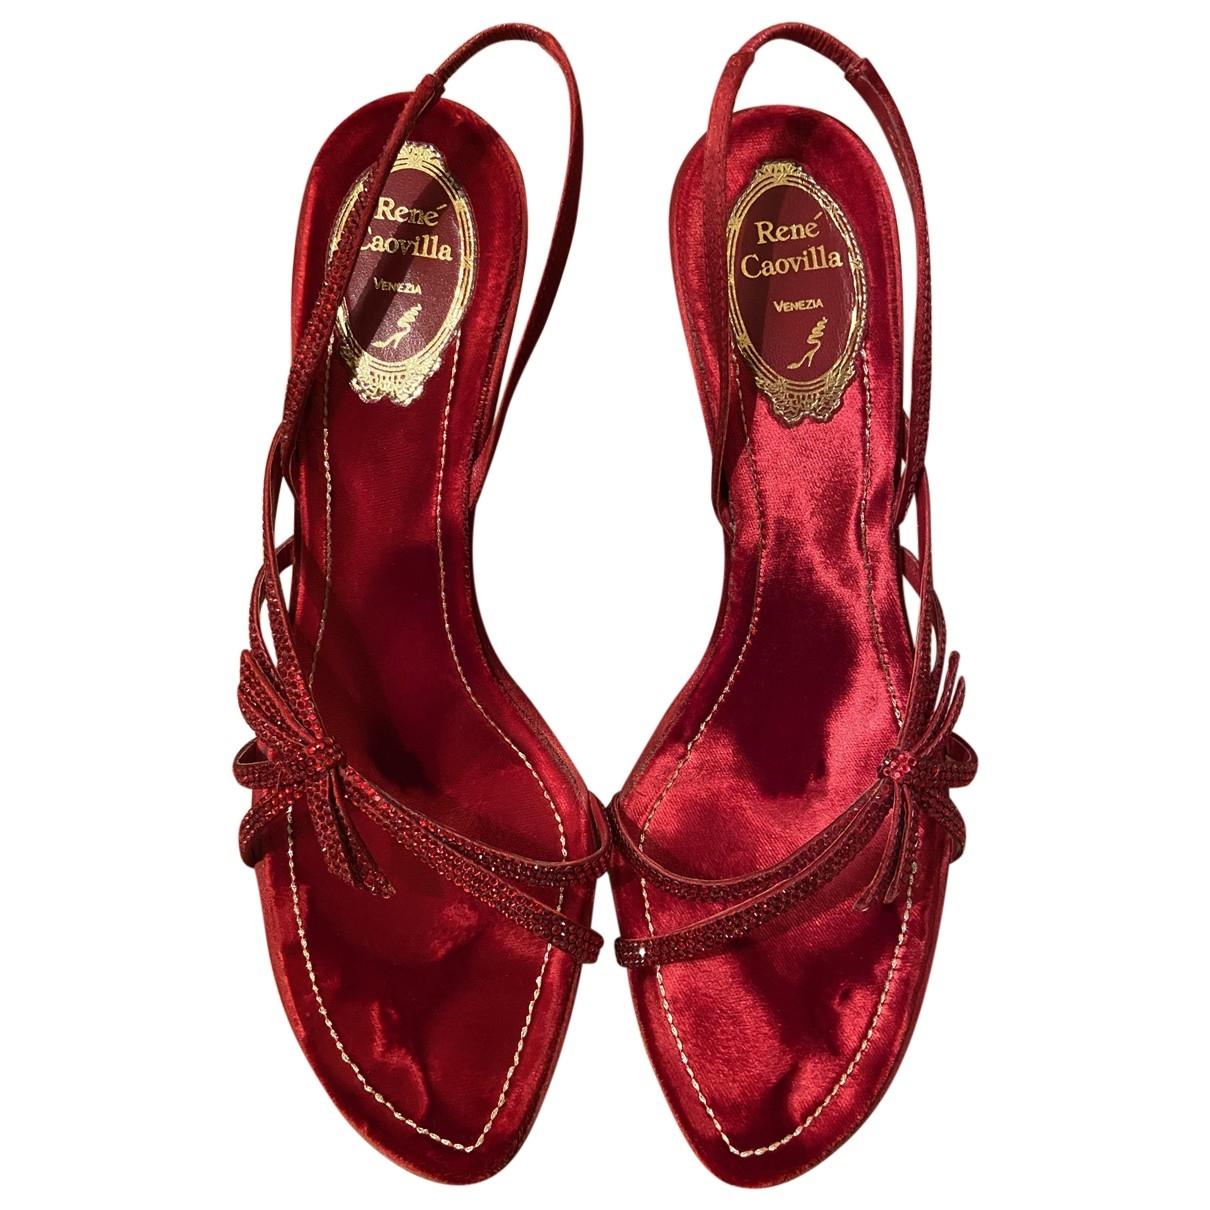 Rene Caovilla - Sandales   pour femme en a paillettes - rouge